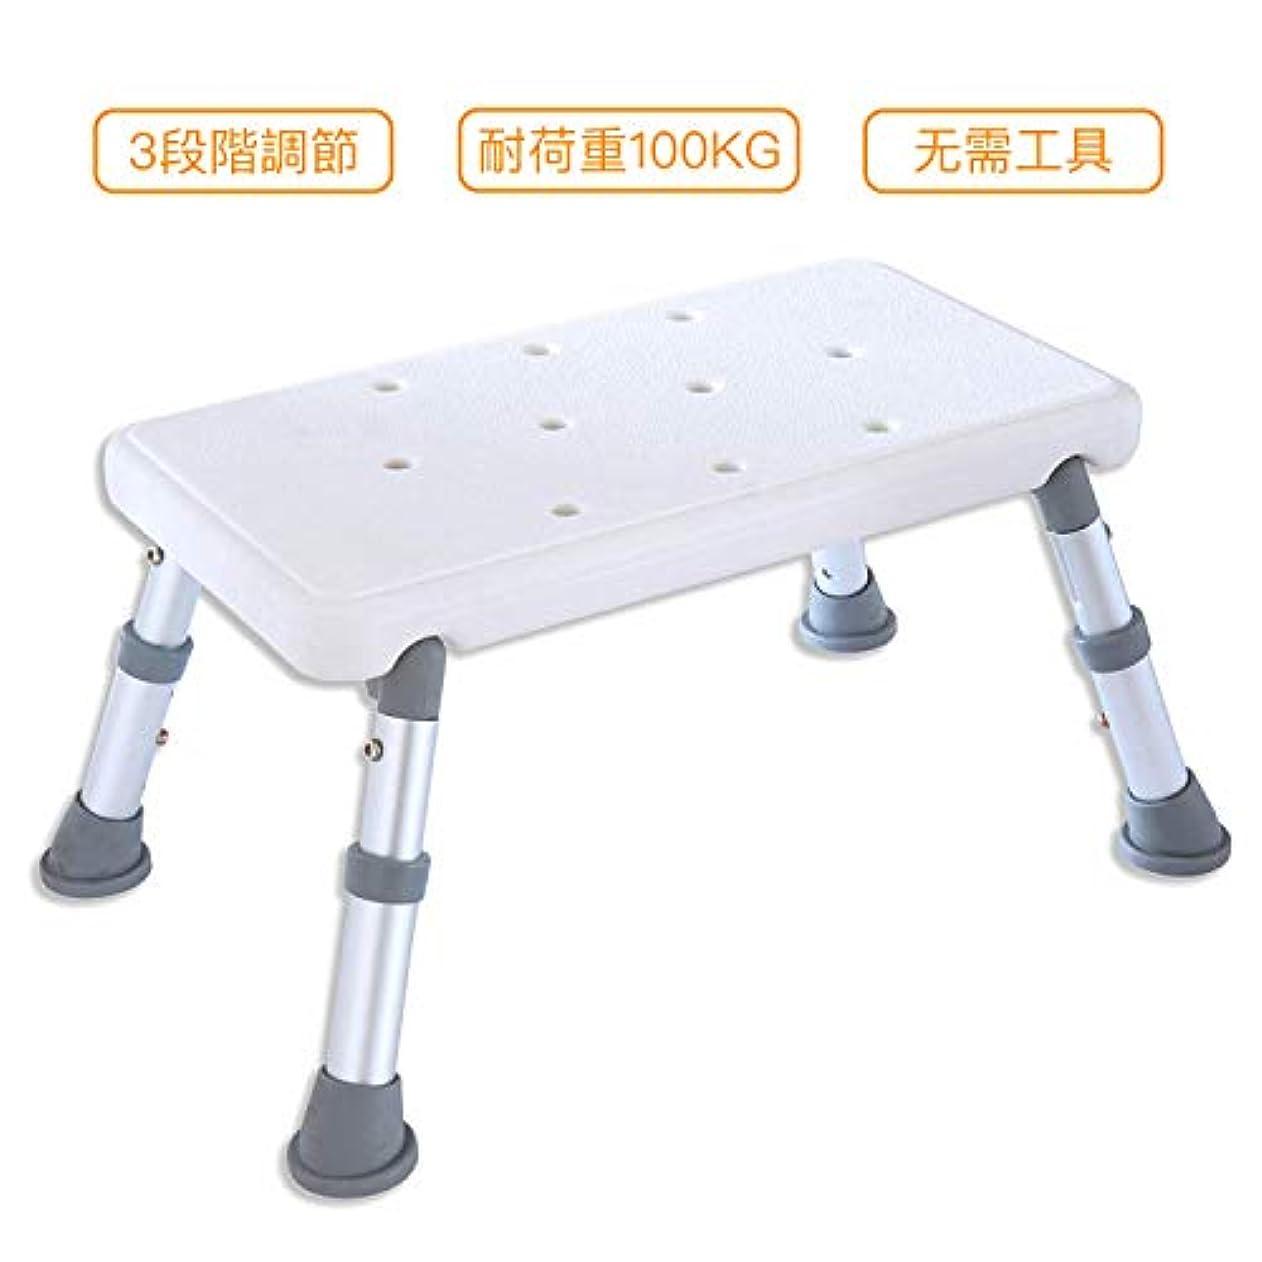 副挑むピークHOGO お風呂椅子 低座面タイプ?高さ3段階調整 コンパクトシャワーチェア バス椅子 浴槽内でも使える